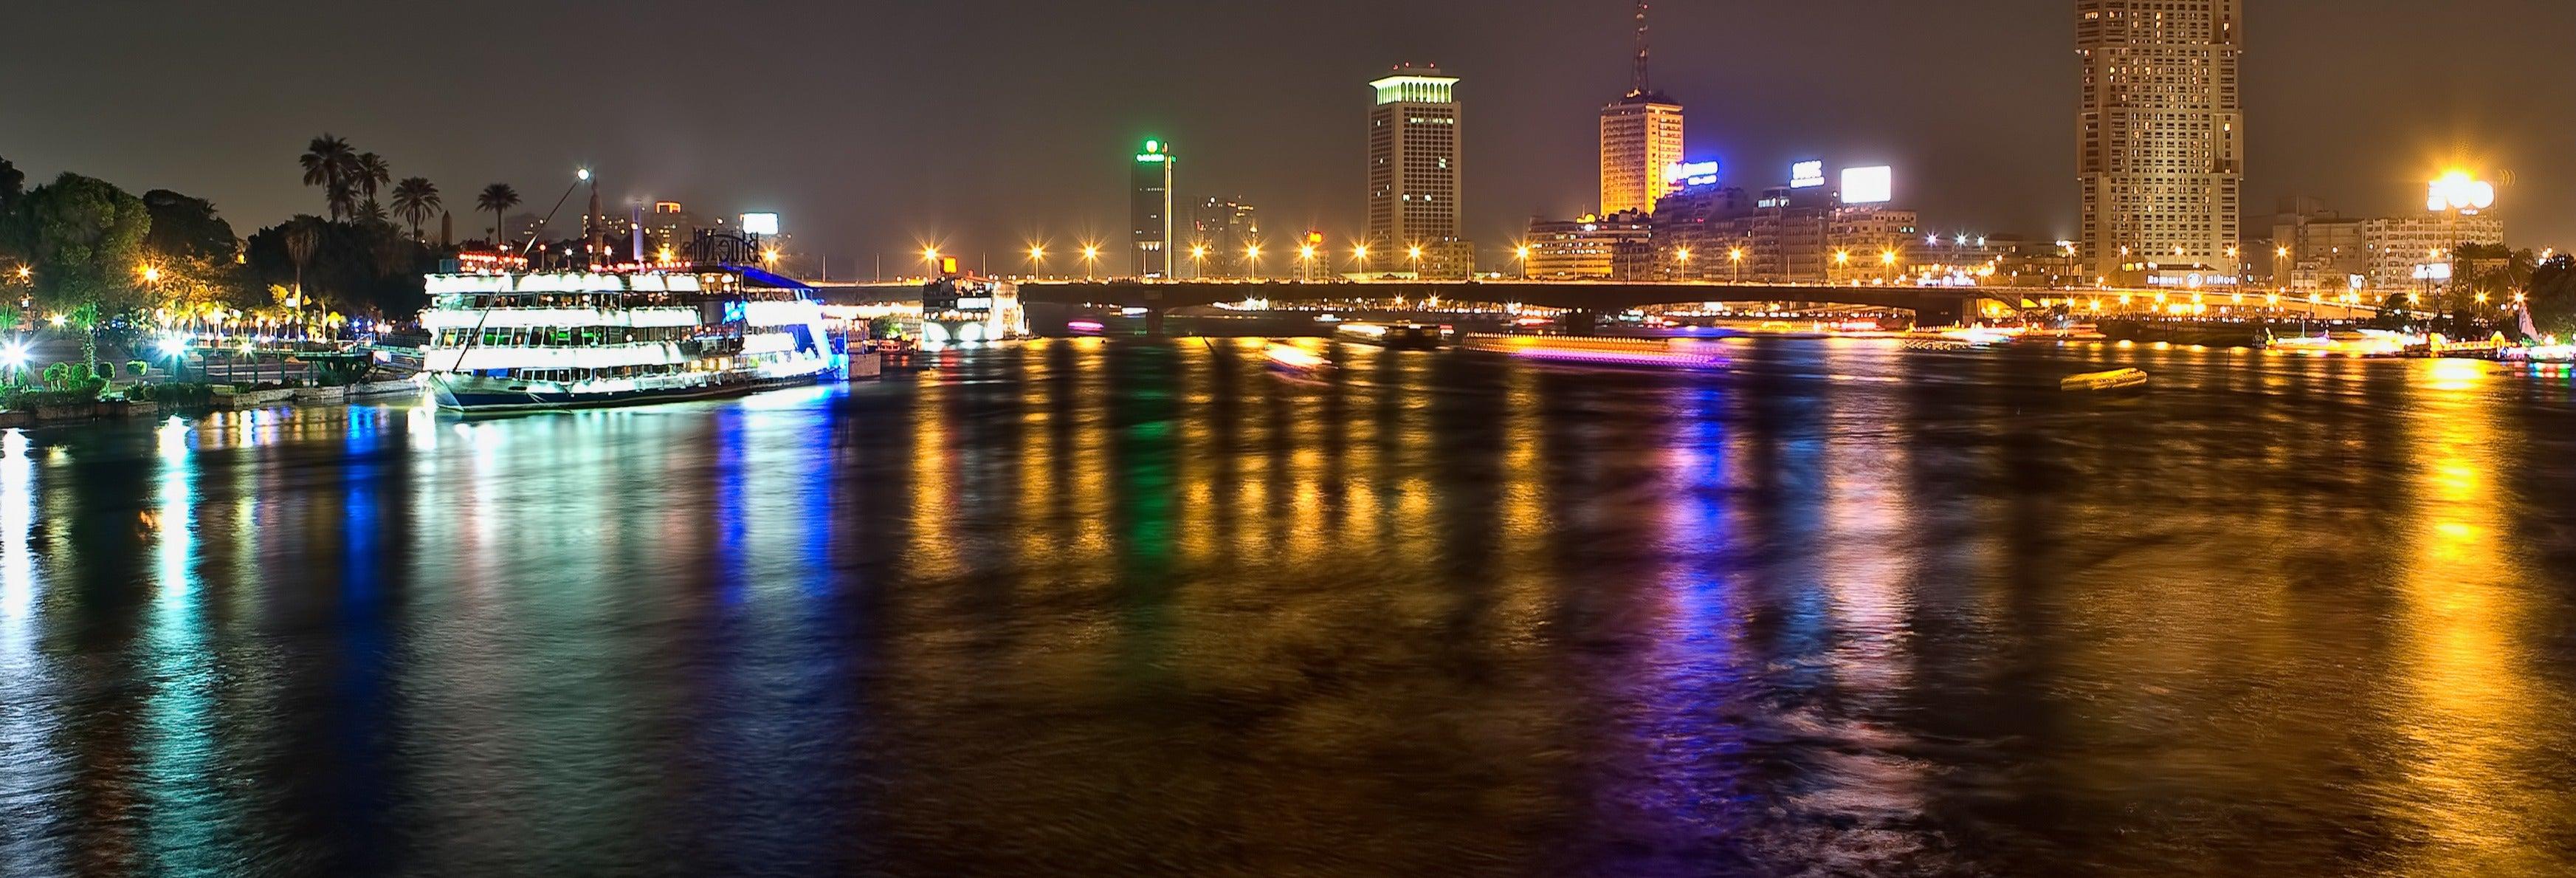 Crucero por el Nilo con cena y espectáculo